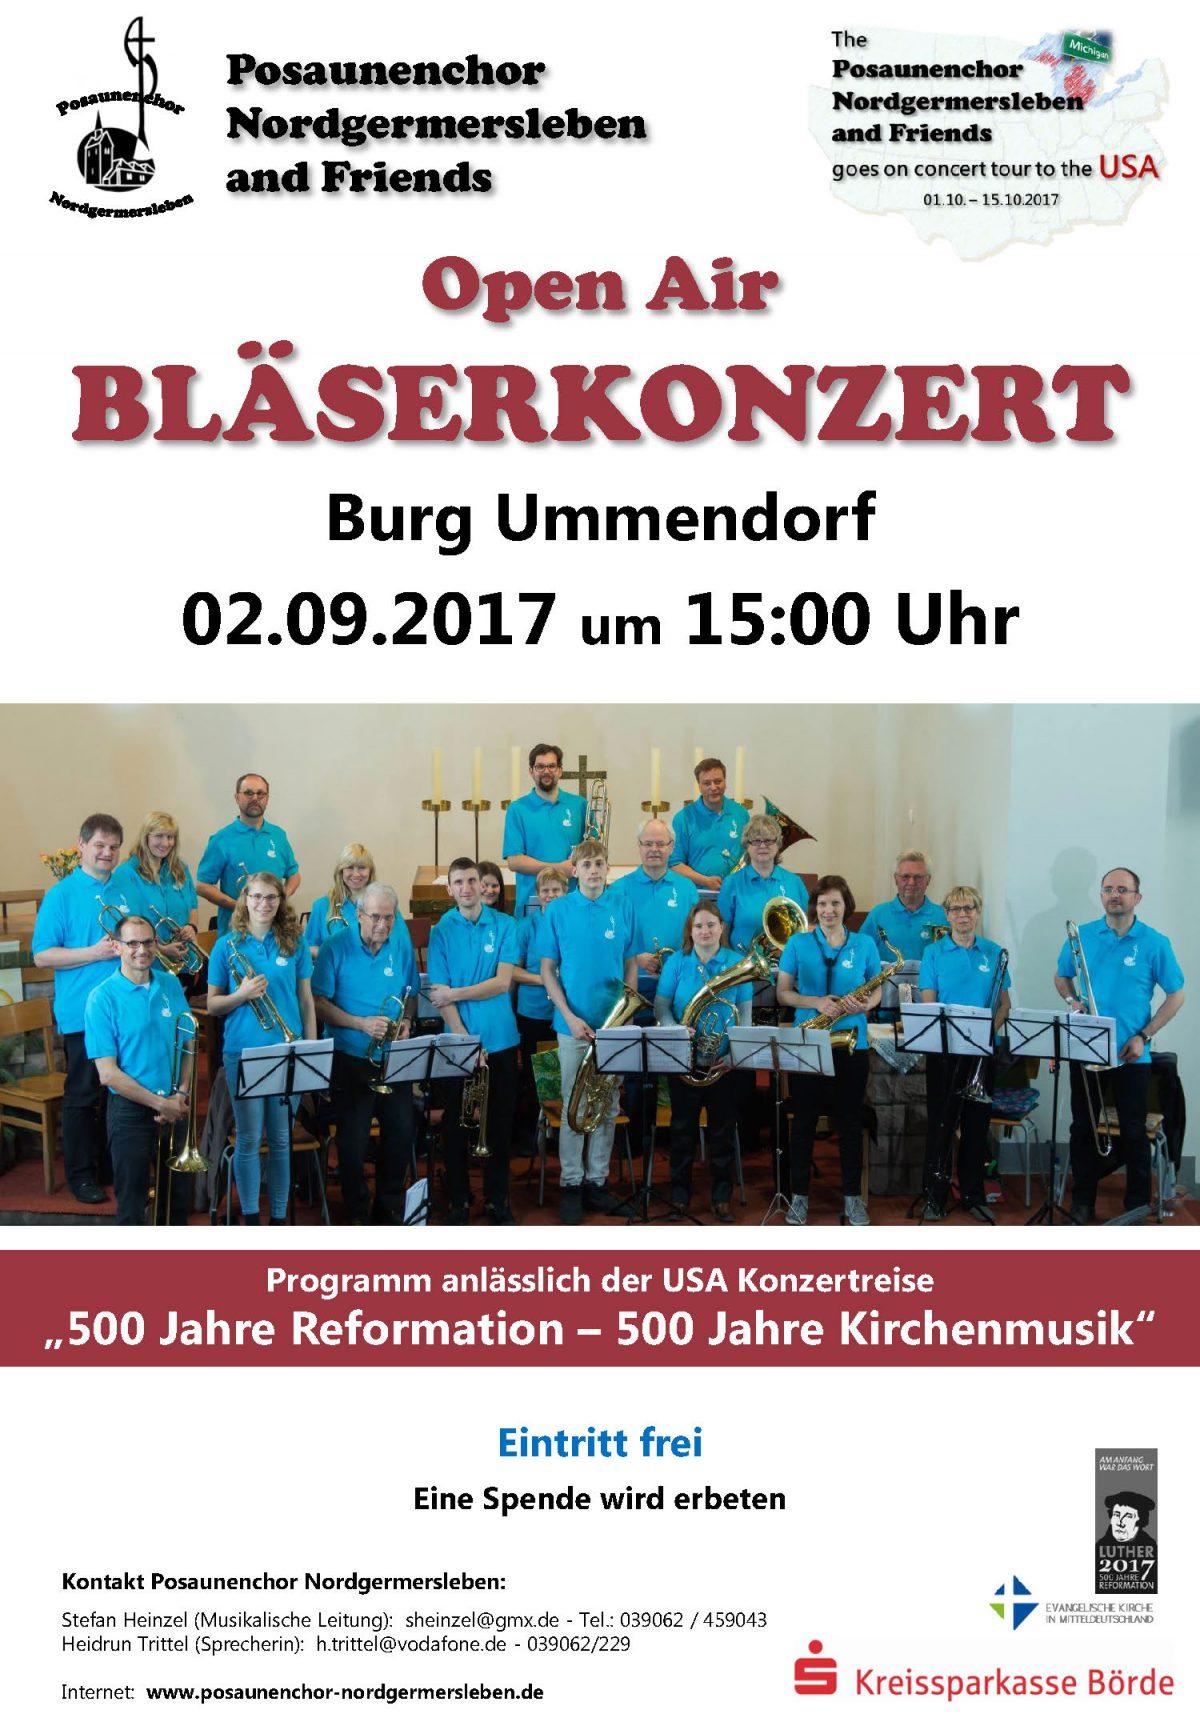 Open Air Konzert am 02.09.17, 15:00 Uhr  auf der Burg Ummendorf